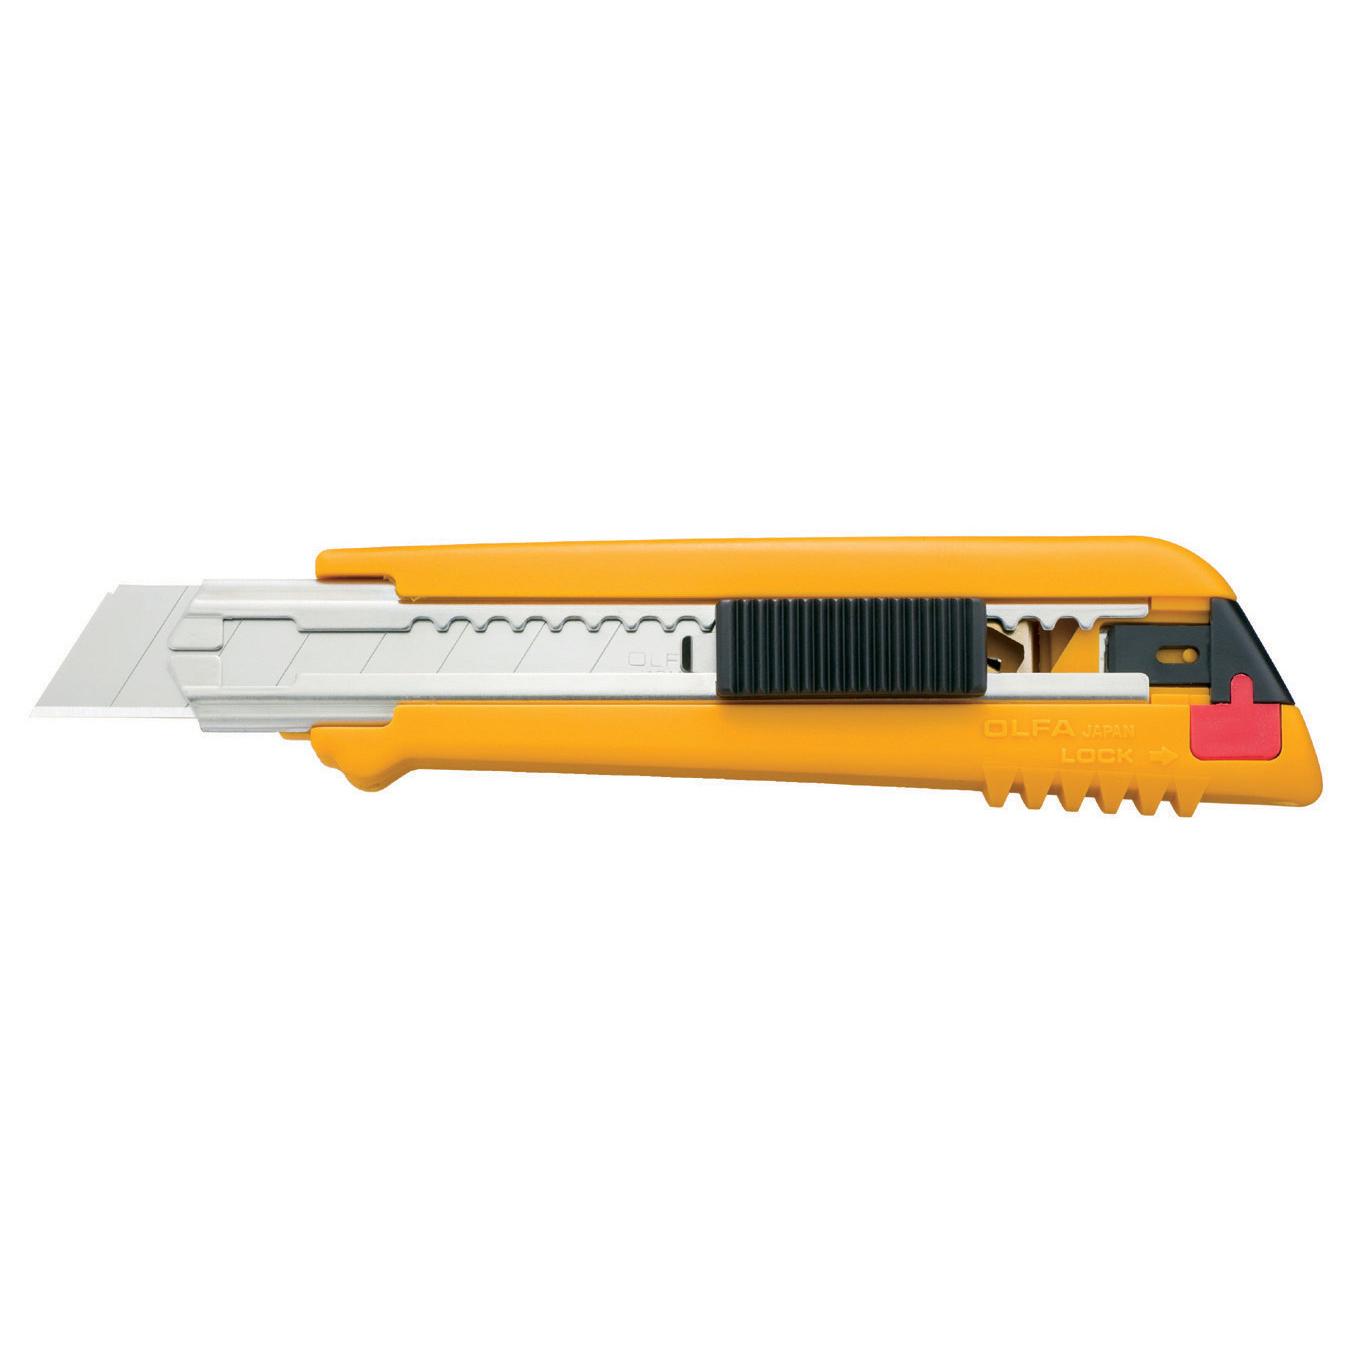 Olfa Knife - Multi Blade HD Knife - PL-1